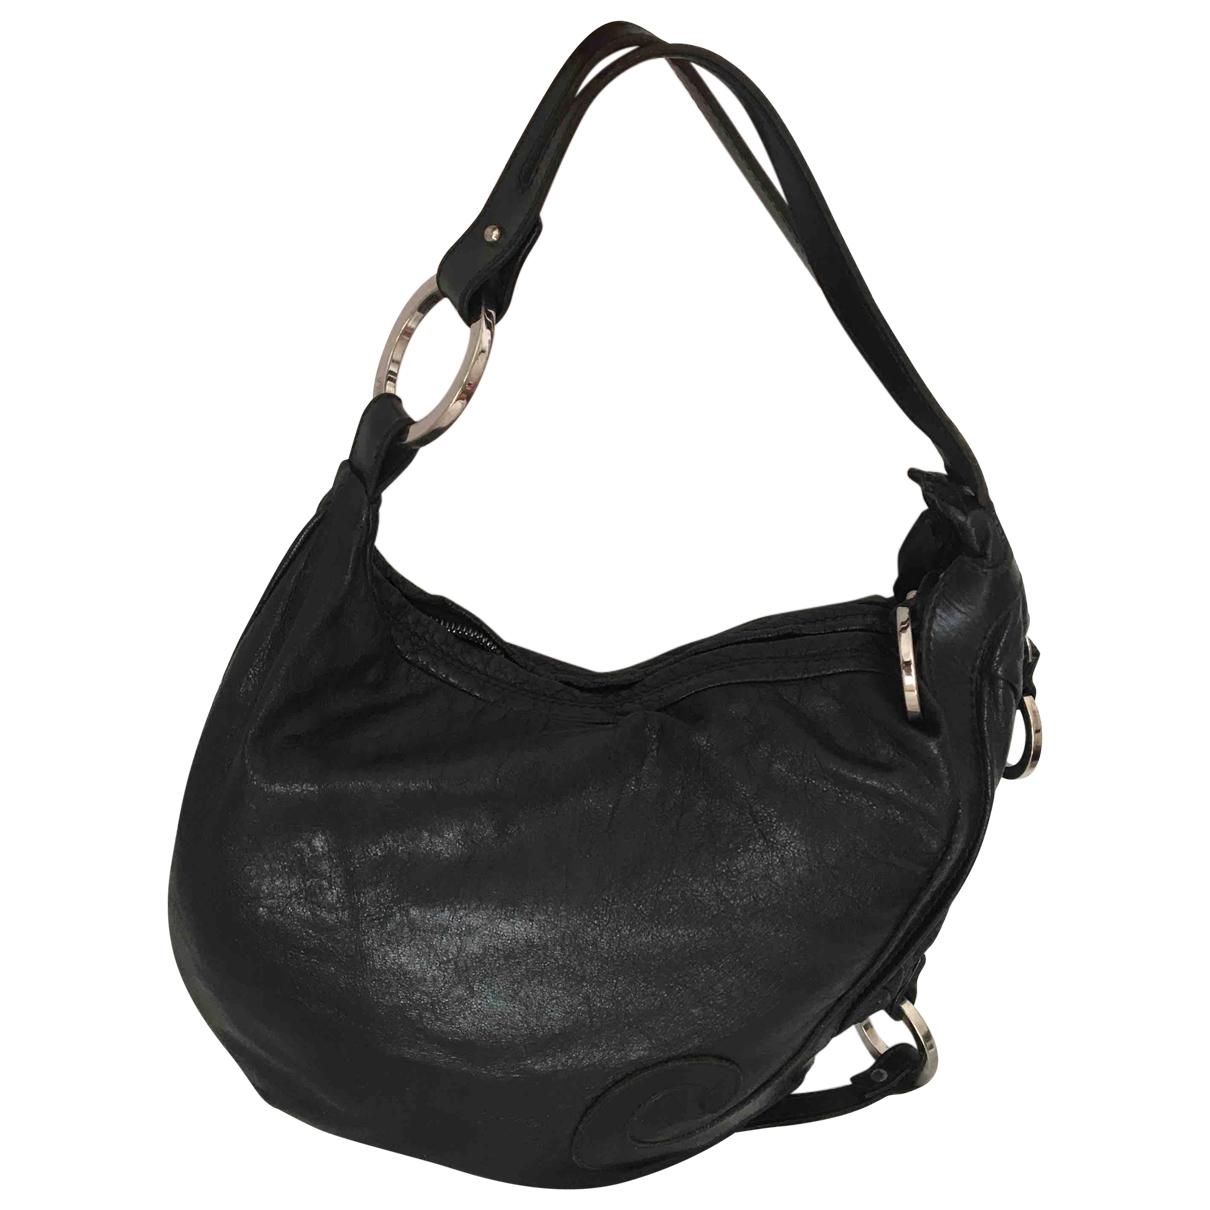 Fendi - Sac a main Oyster pour femme en cuir - noir